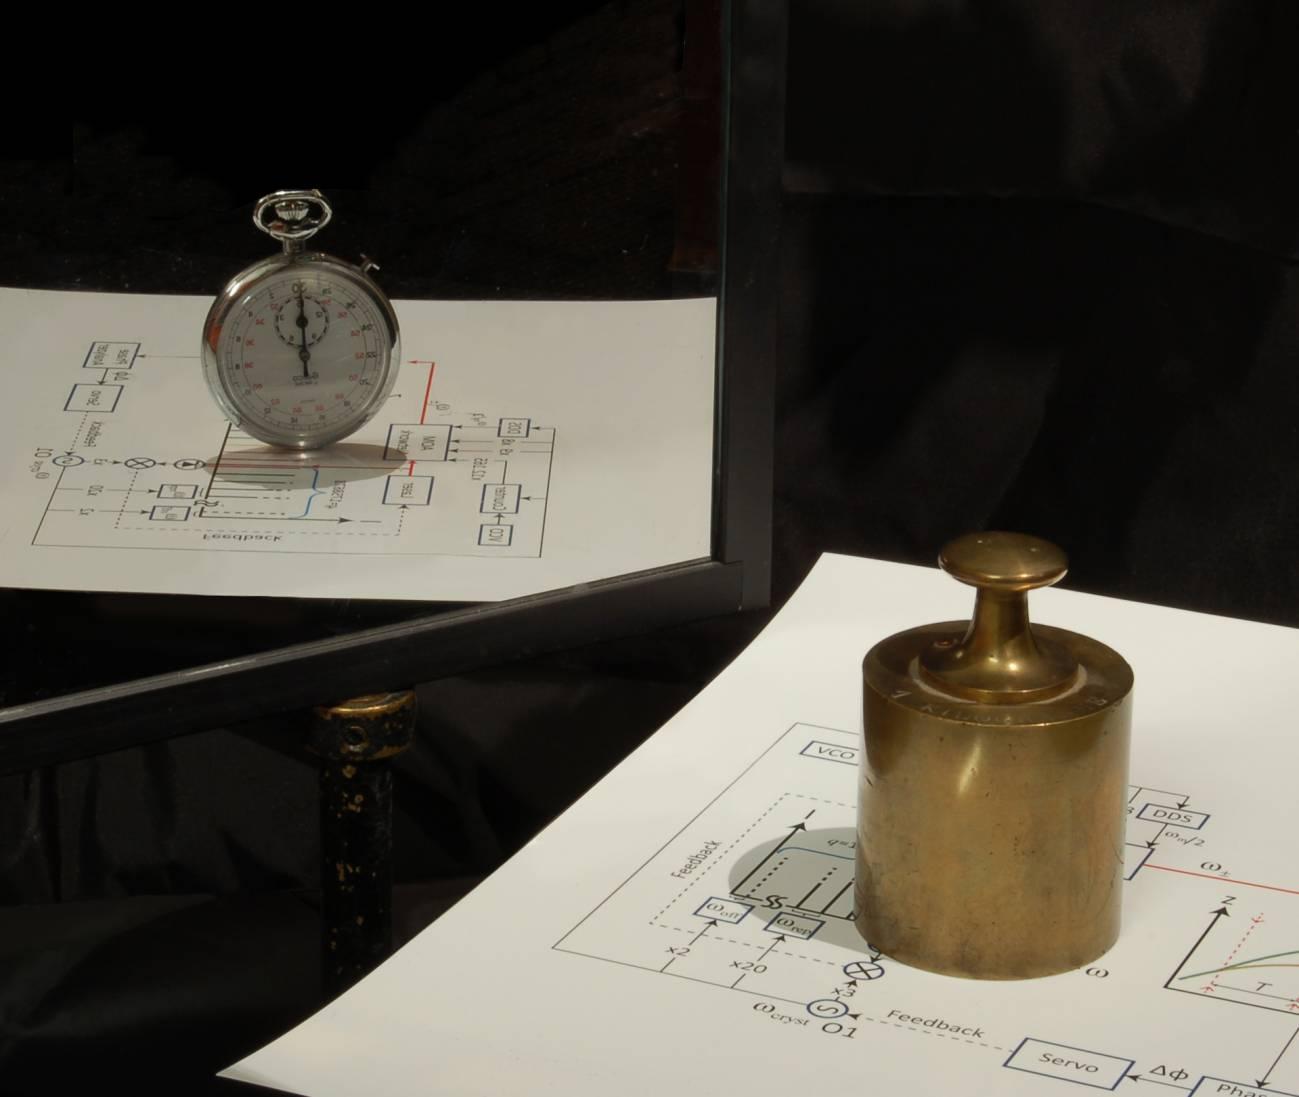 El estudio refleja como la masa puede usarse para medir el tiempo y viceversa. Imagen: Pei-Chen Kuan.